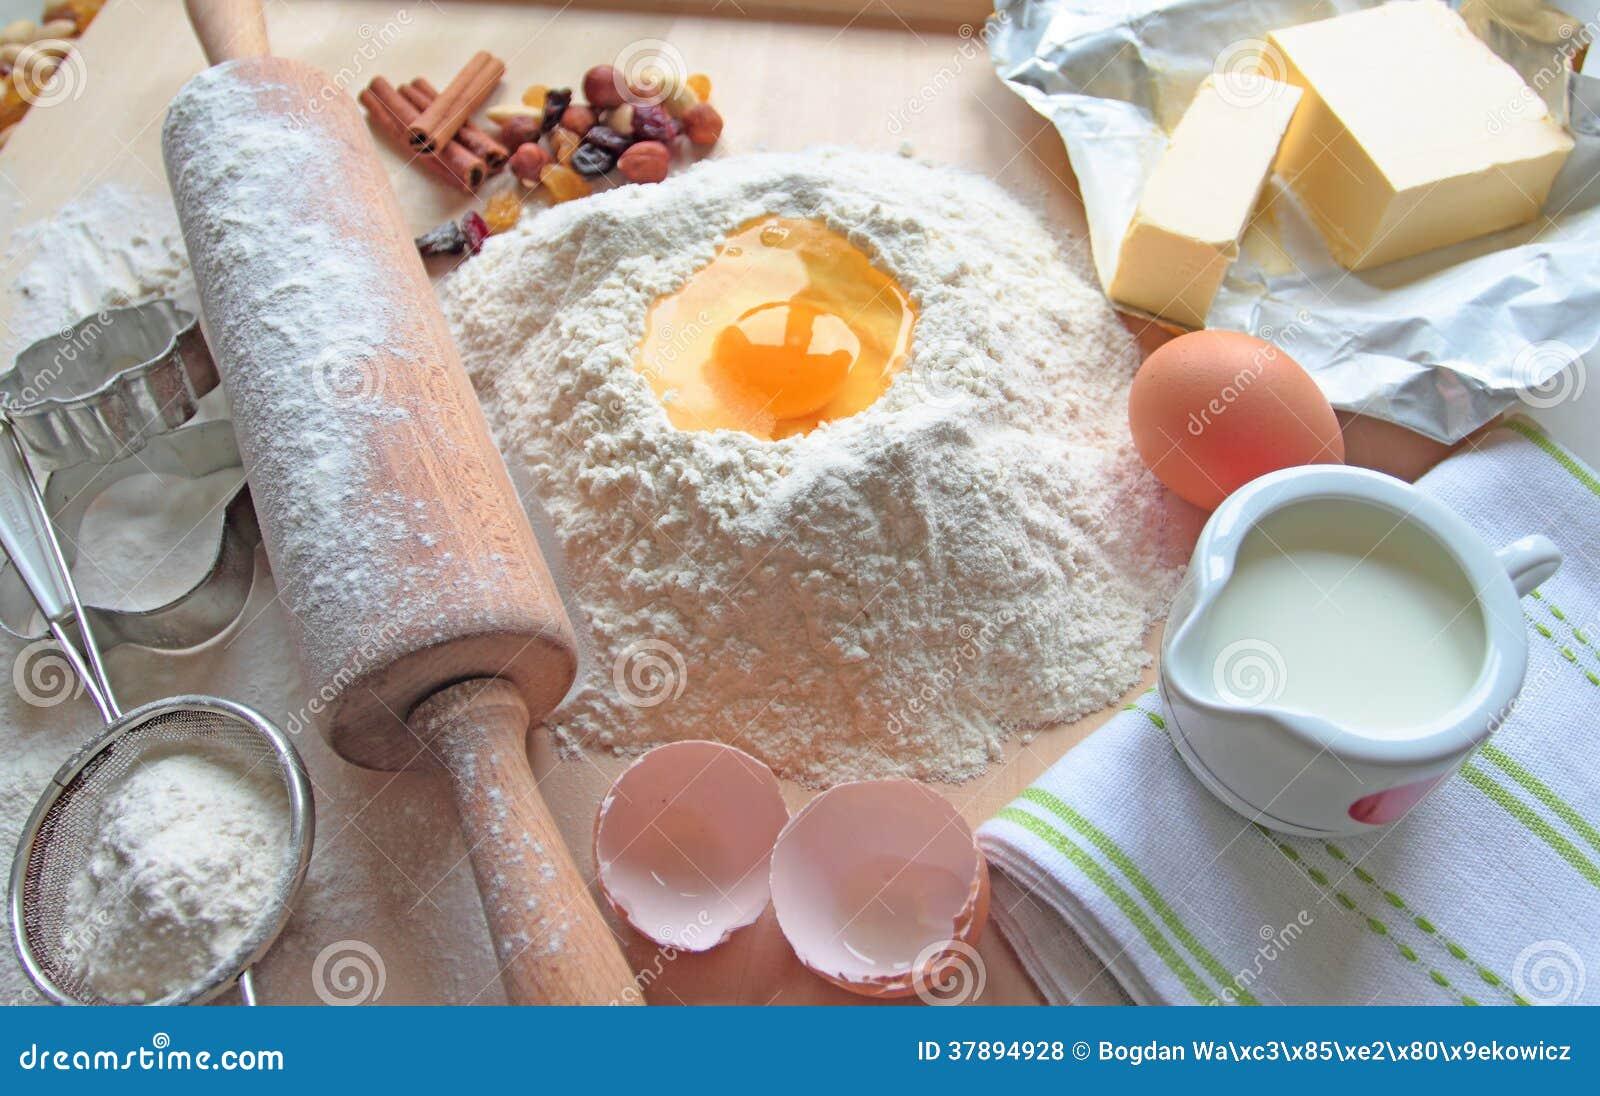 Het bakken in de keuken